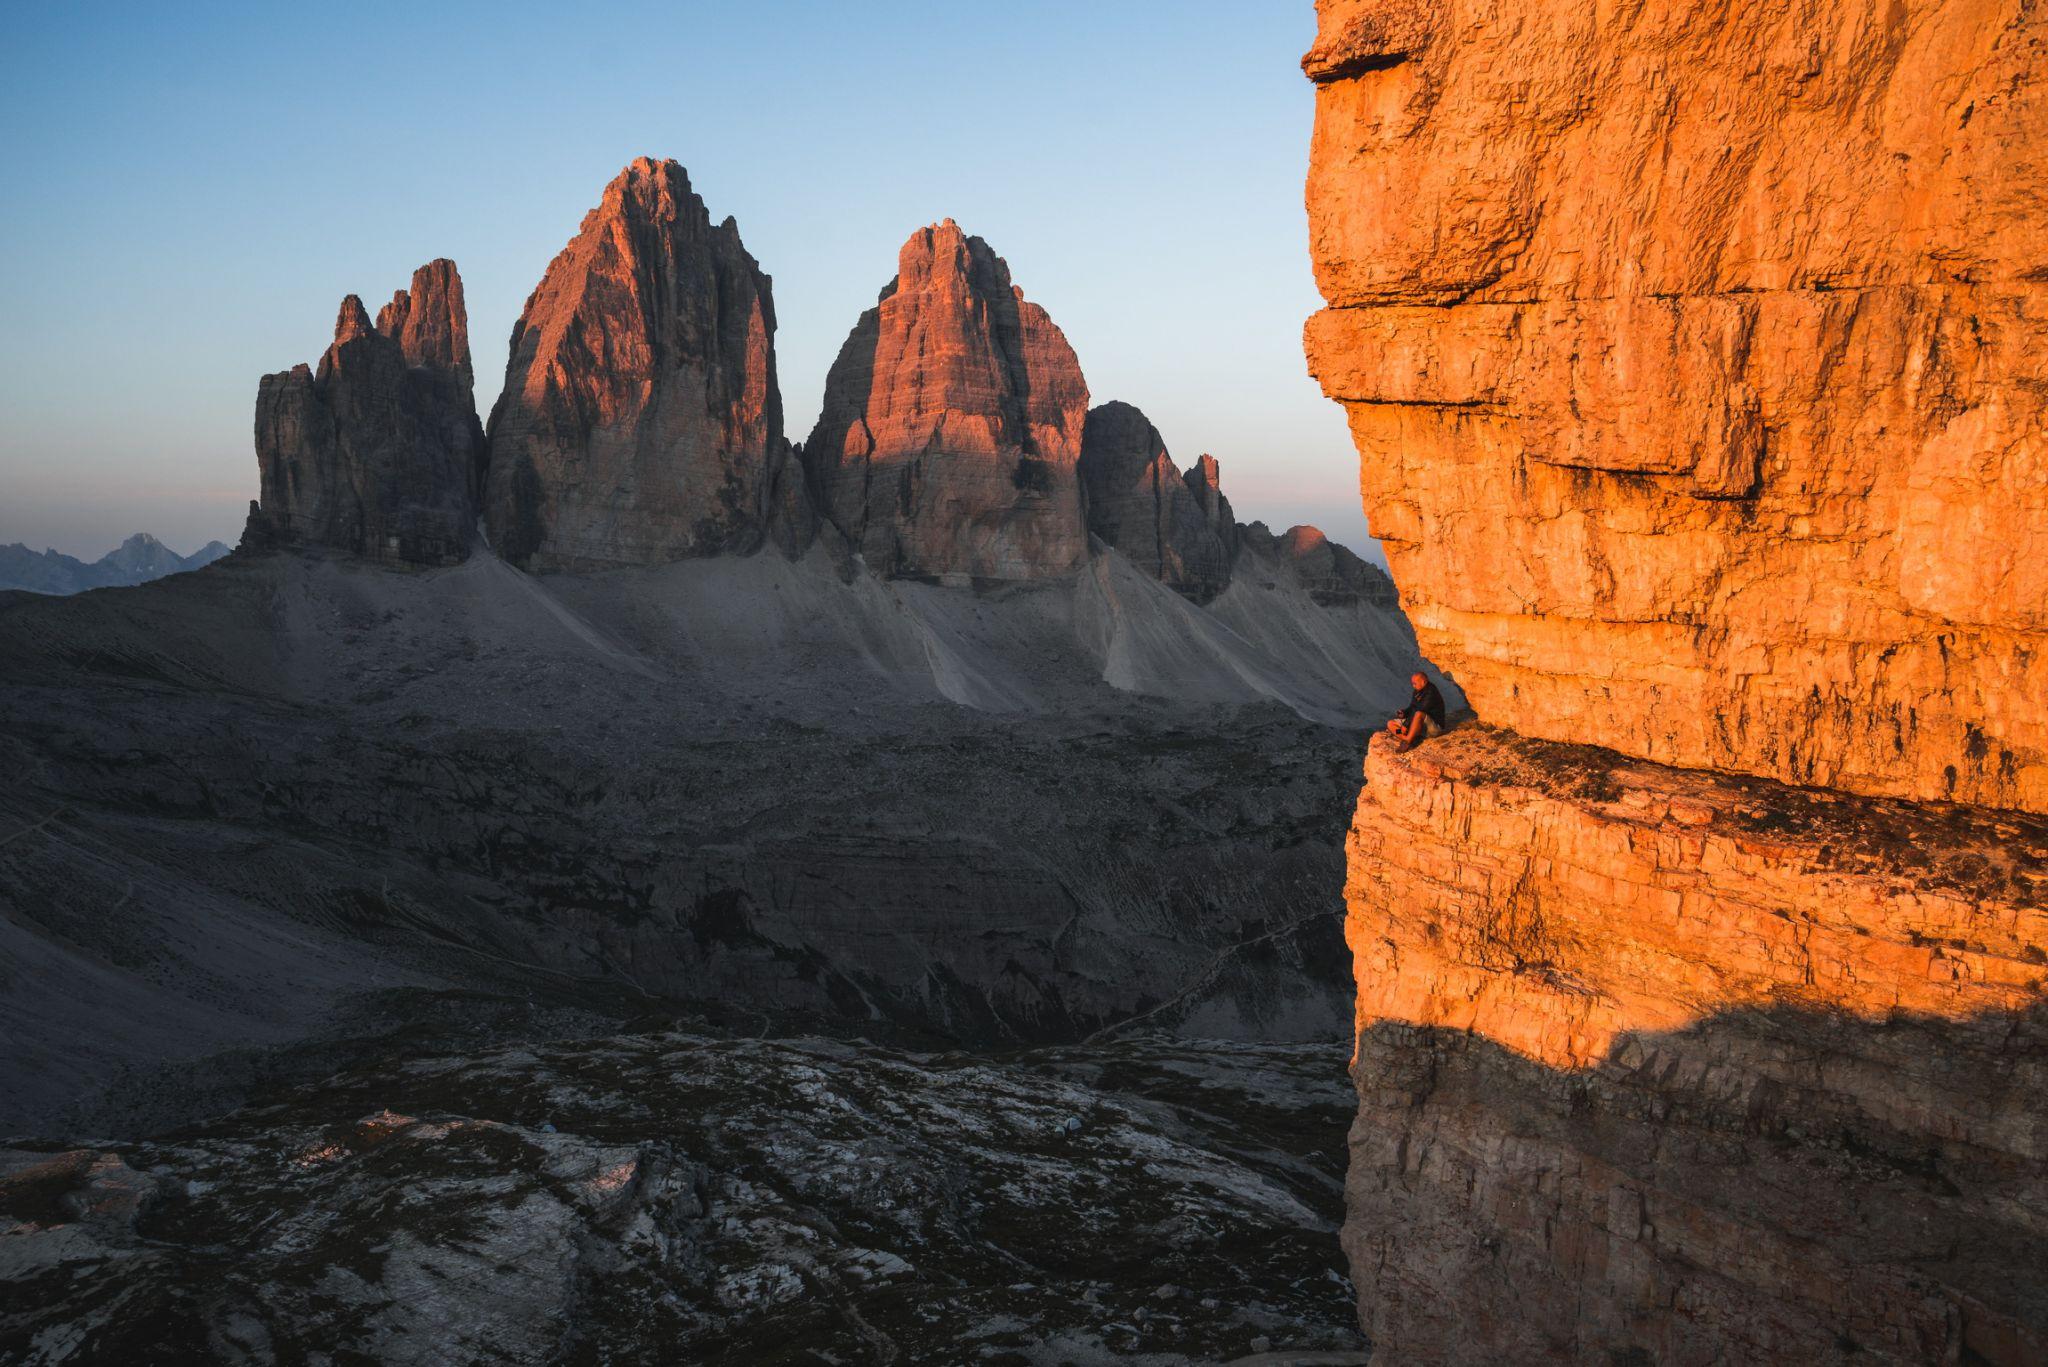 Italian morning glow, Italy